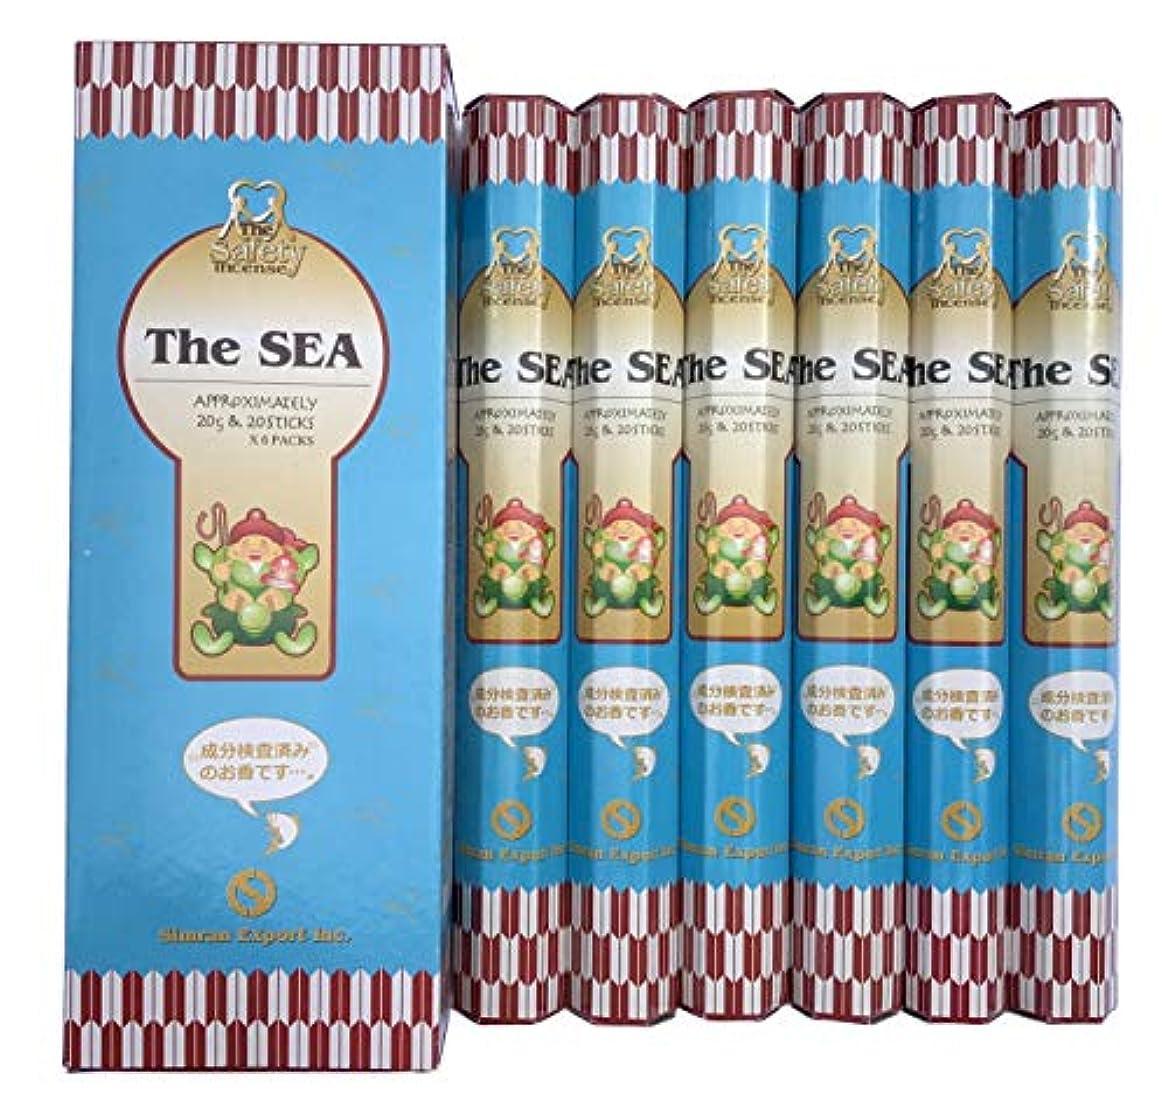 繁雑スライス構成員インド香 The SEA ザ?シー 潮風の香り スティック 6個セット シムラン社 成分検査済み